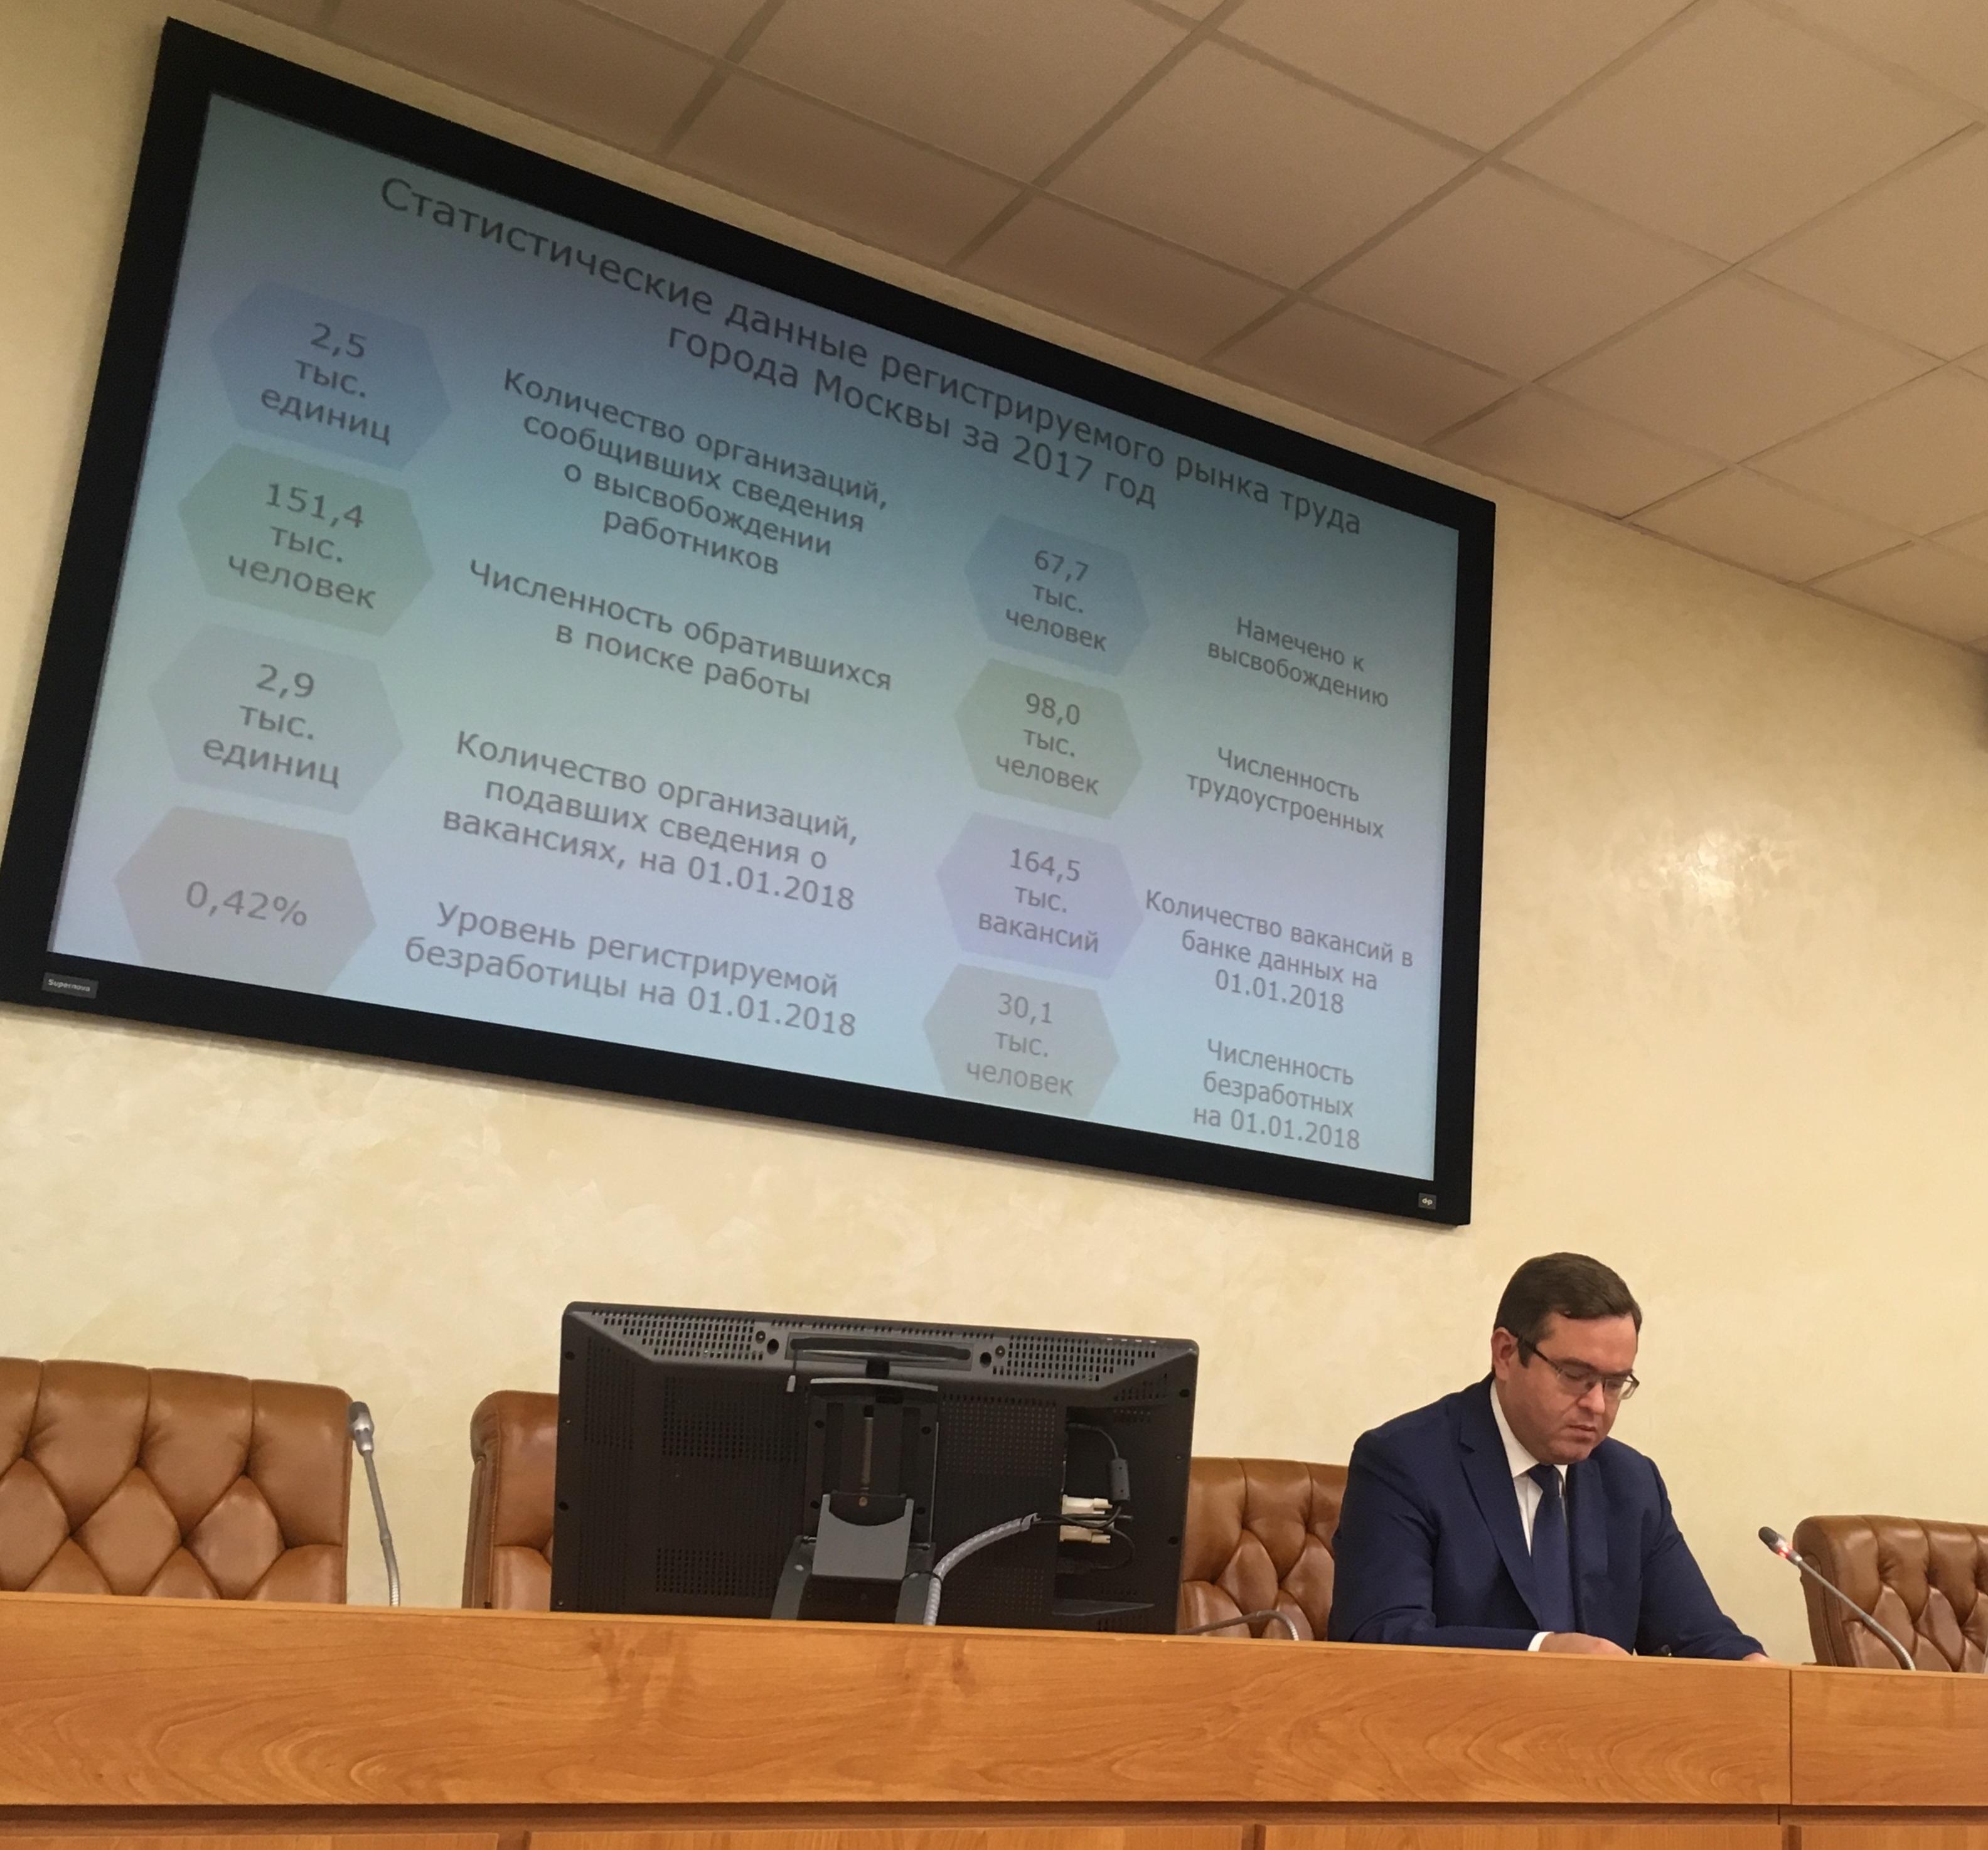 Тему трудоустройства обсудили в Москве